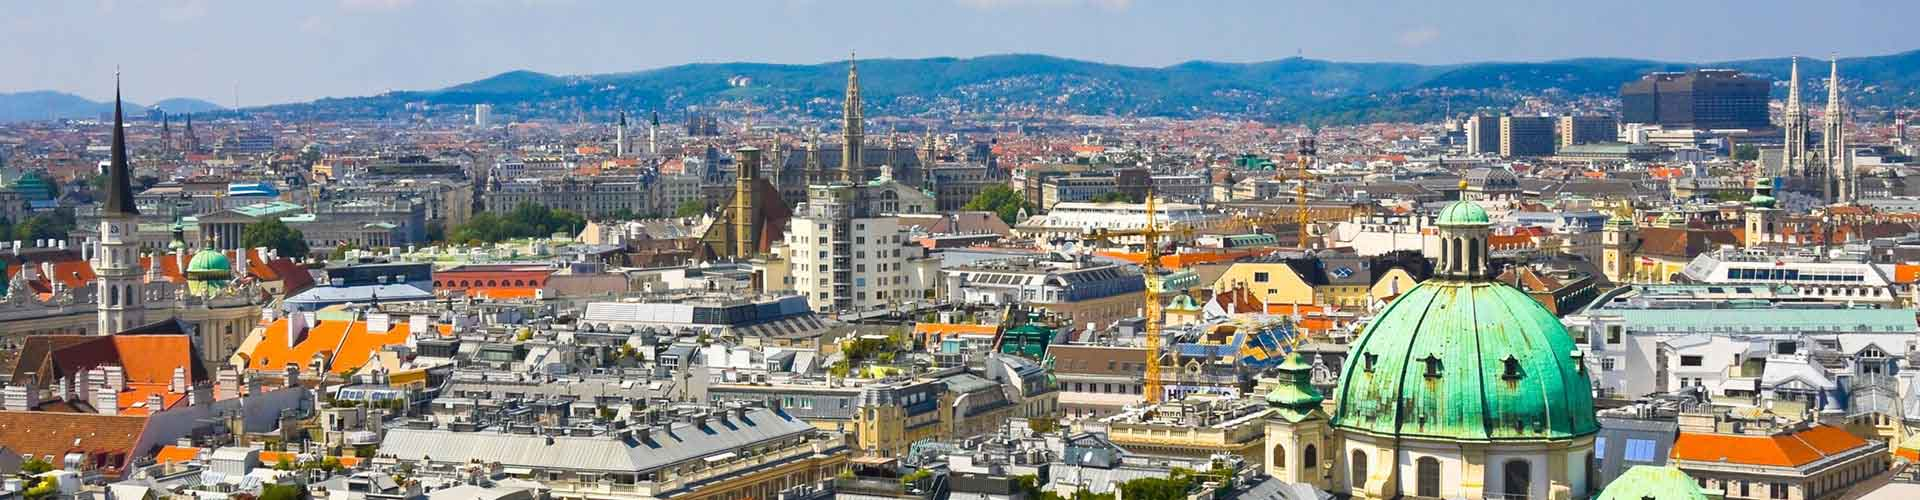 Vienne - Auberges de jeunesse près de Prater avec la Grande Roue. Cartes pour Vienne, photos et commentaires pour chaque auberge de jeunesse à Vienne.